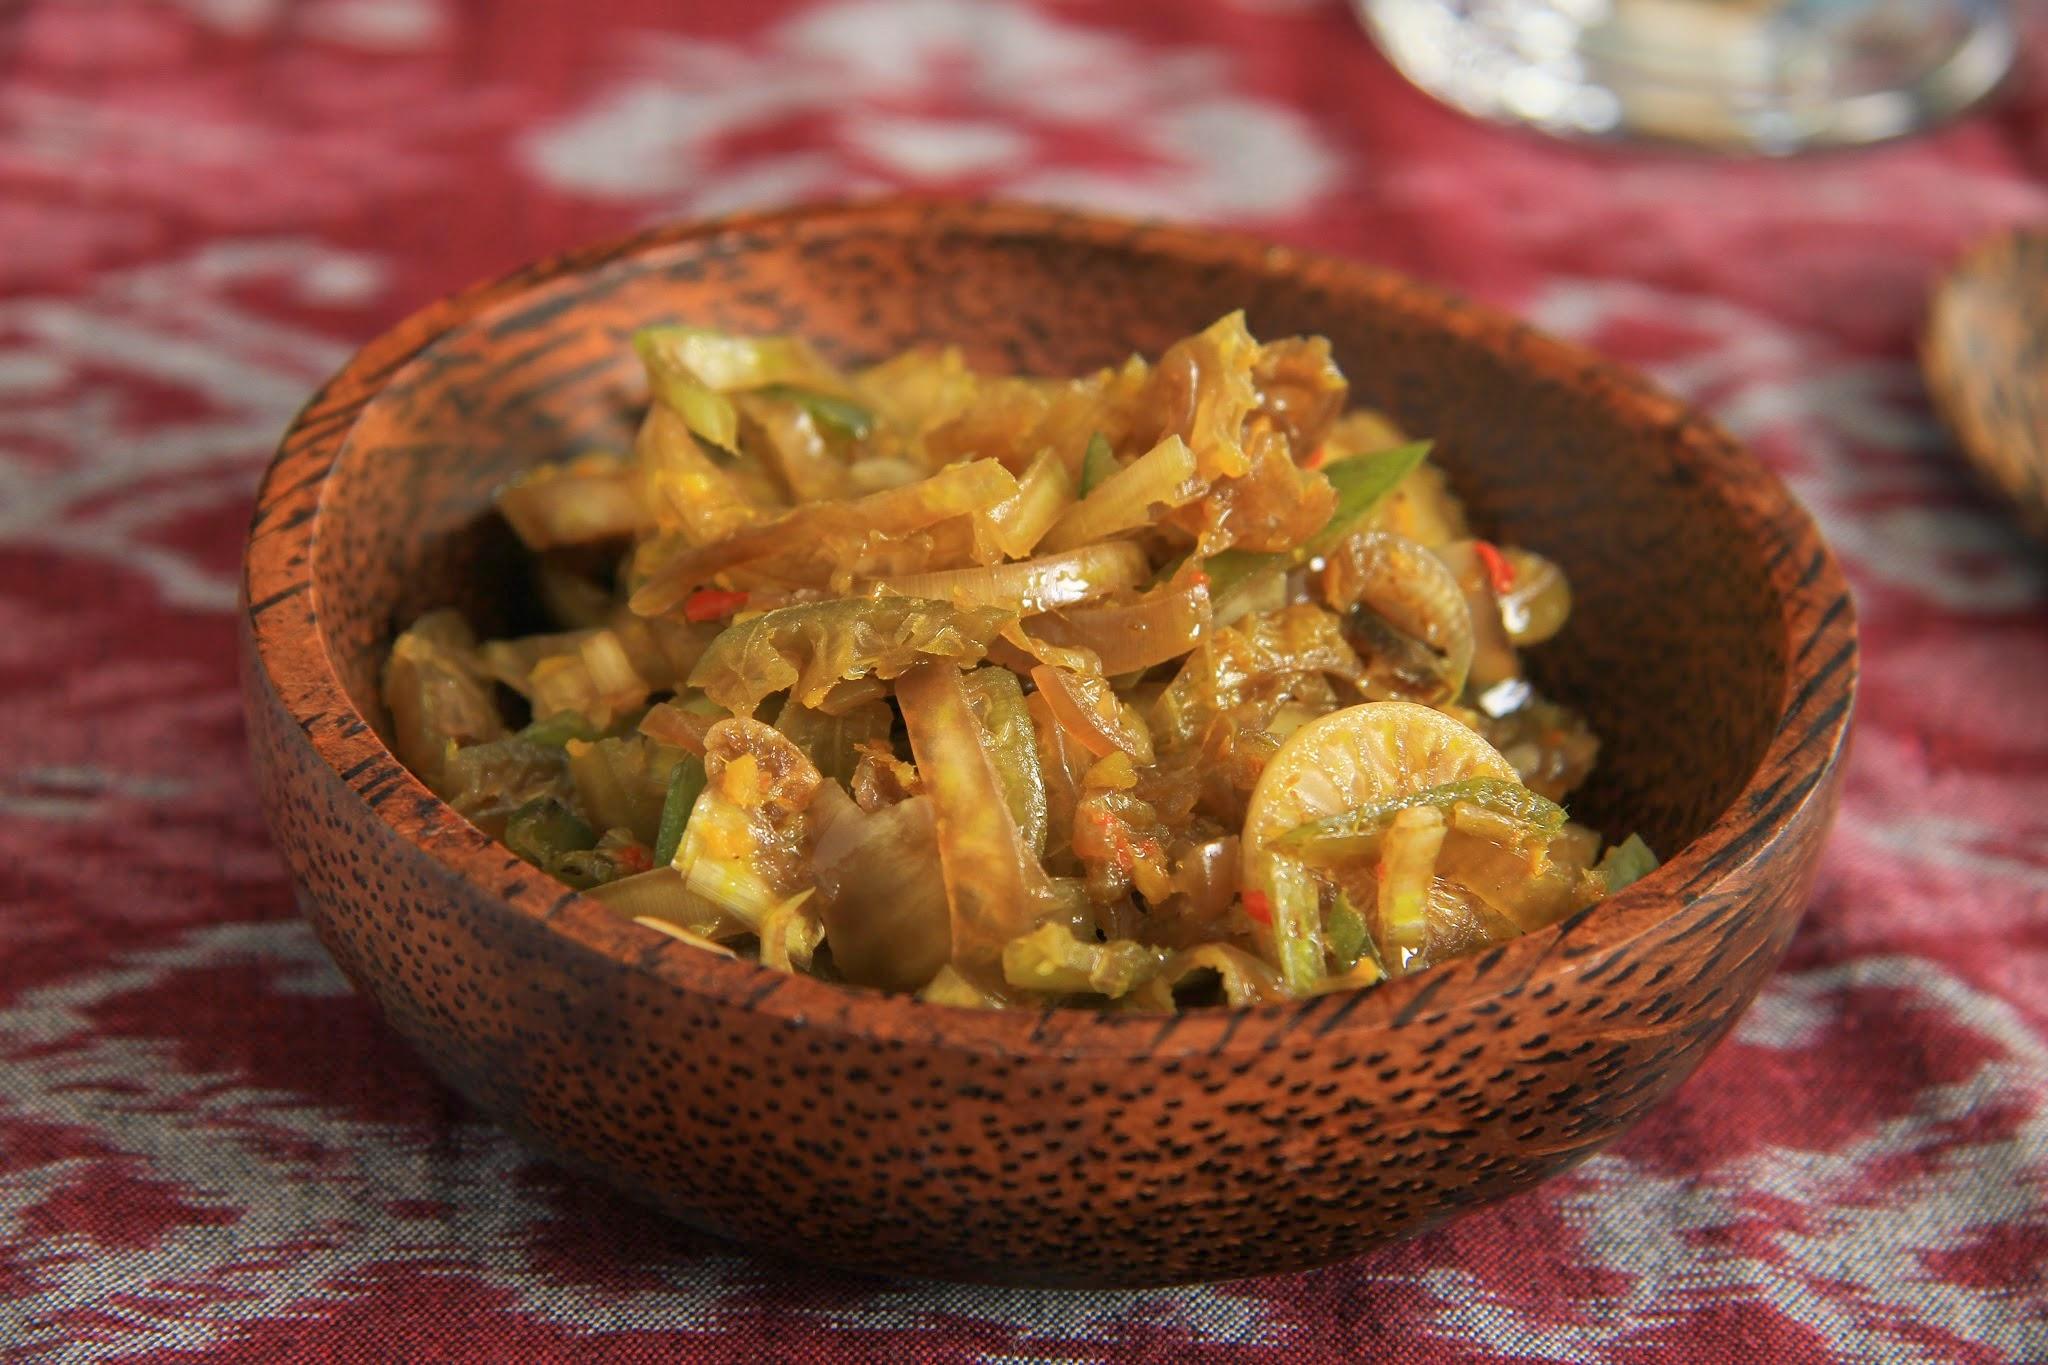 Jukut Ares Bali, Kuliner Tradisional dengan Bahan Utama Batang Pohon Pisang